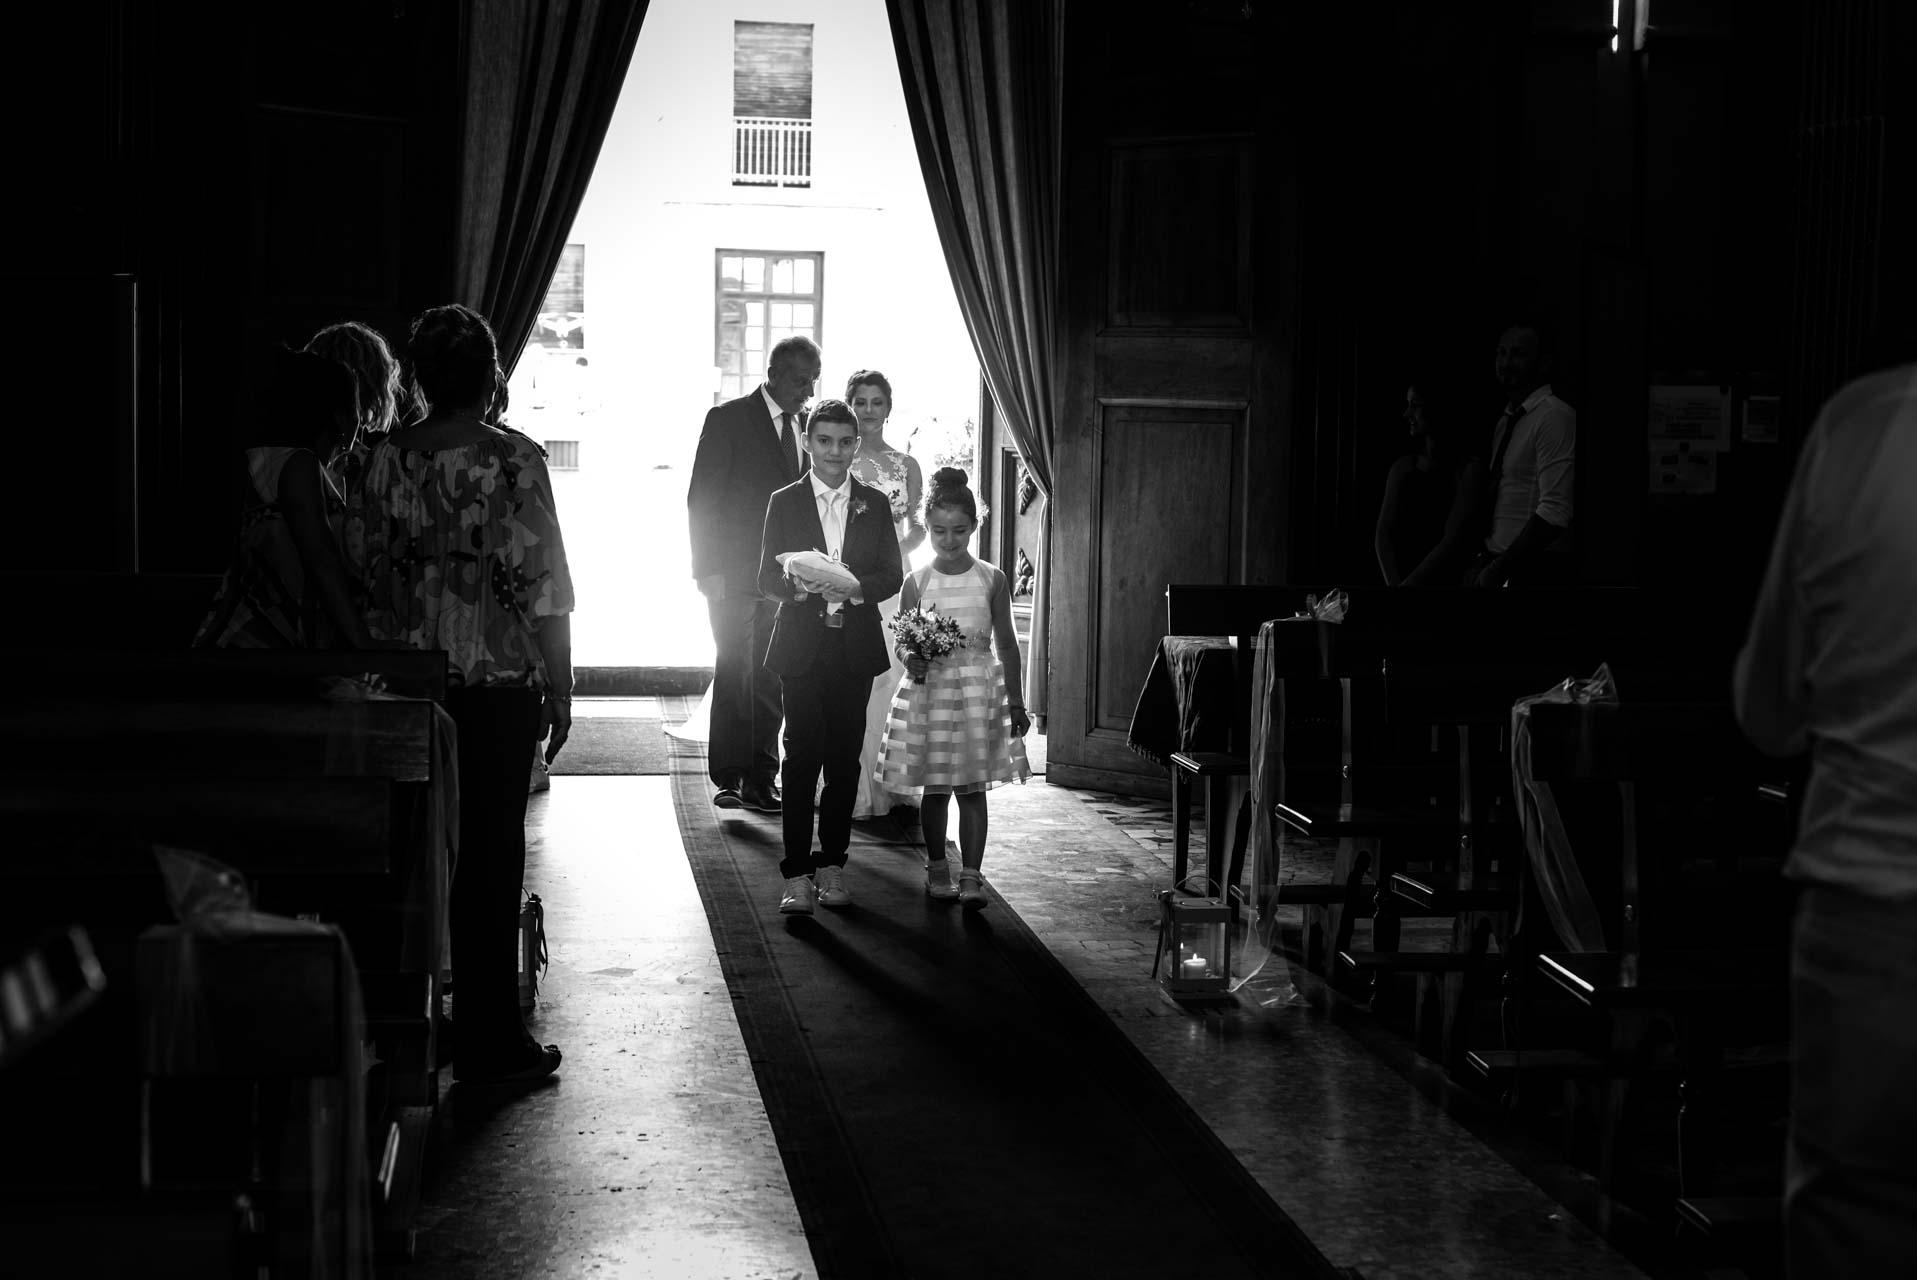 matrimonio sposa chiesa paggetti